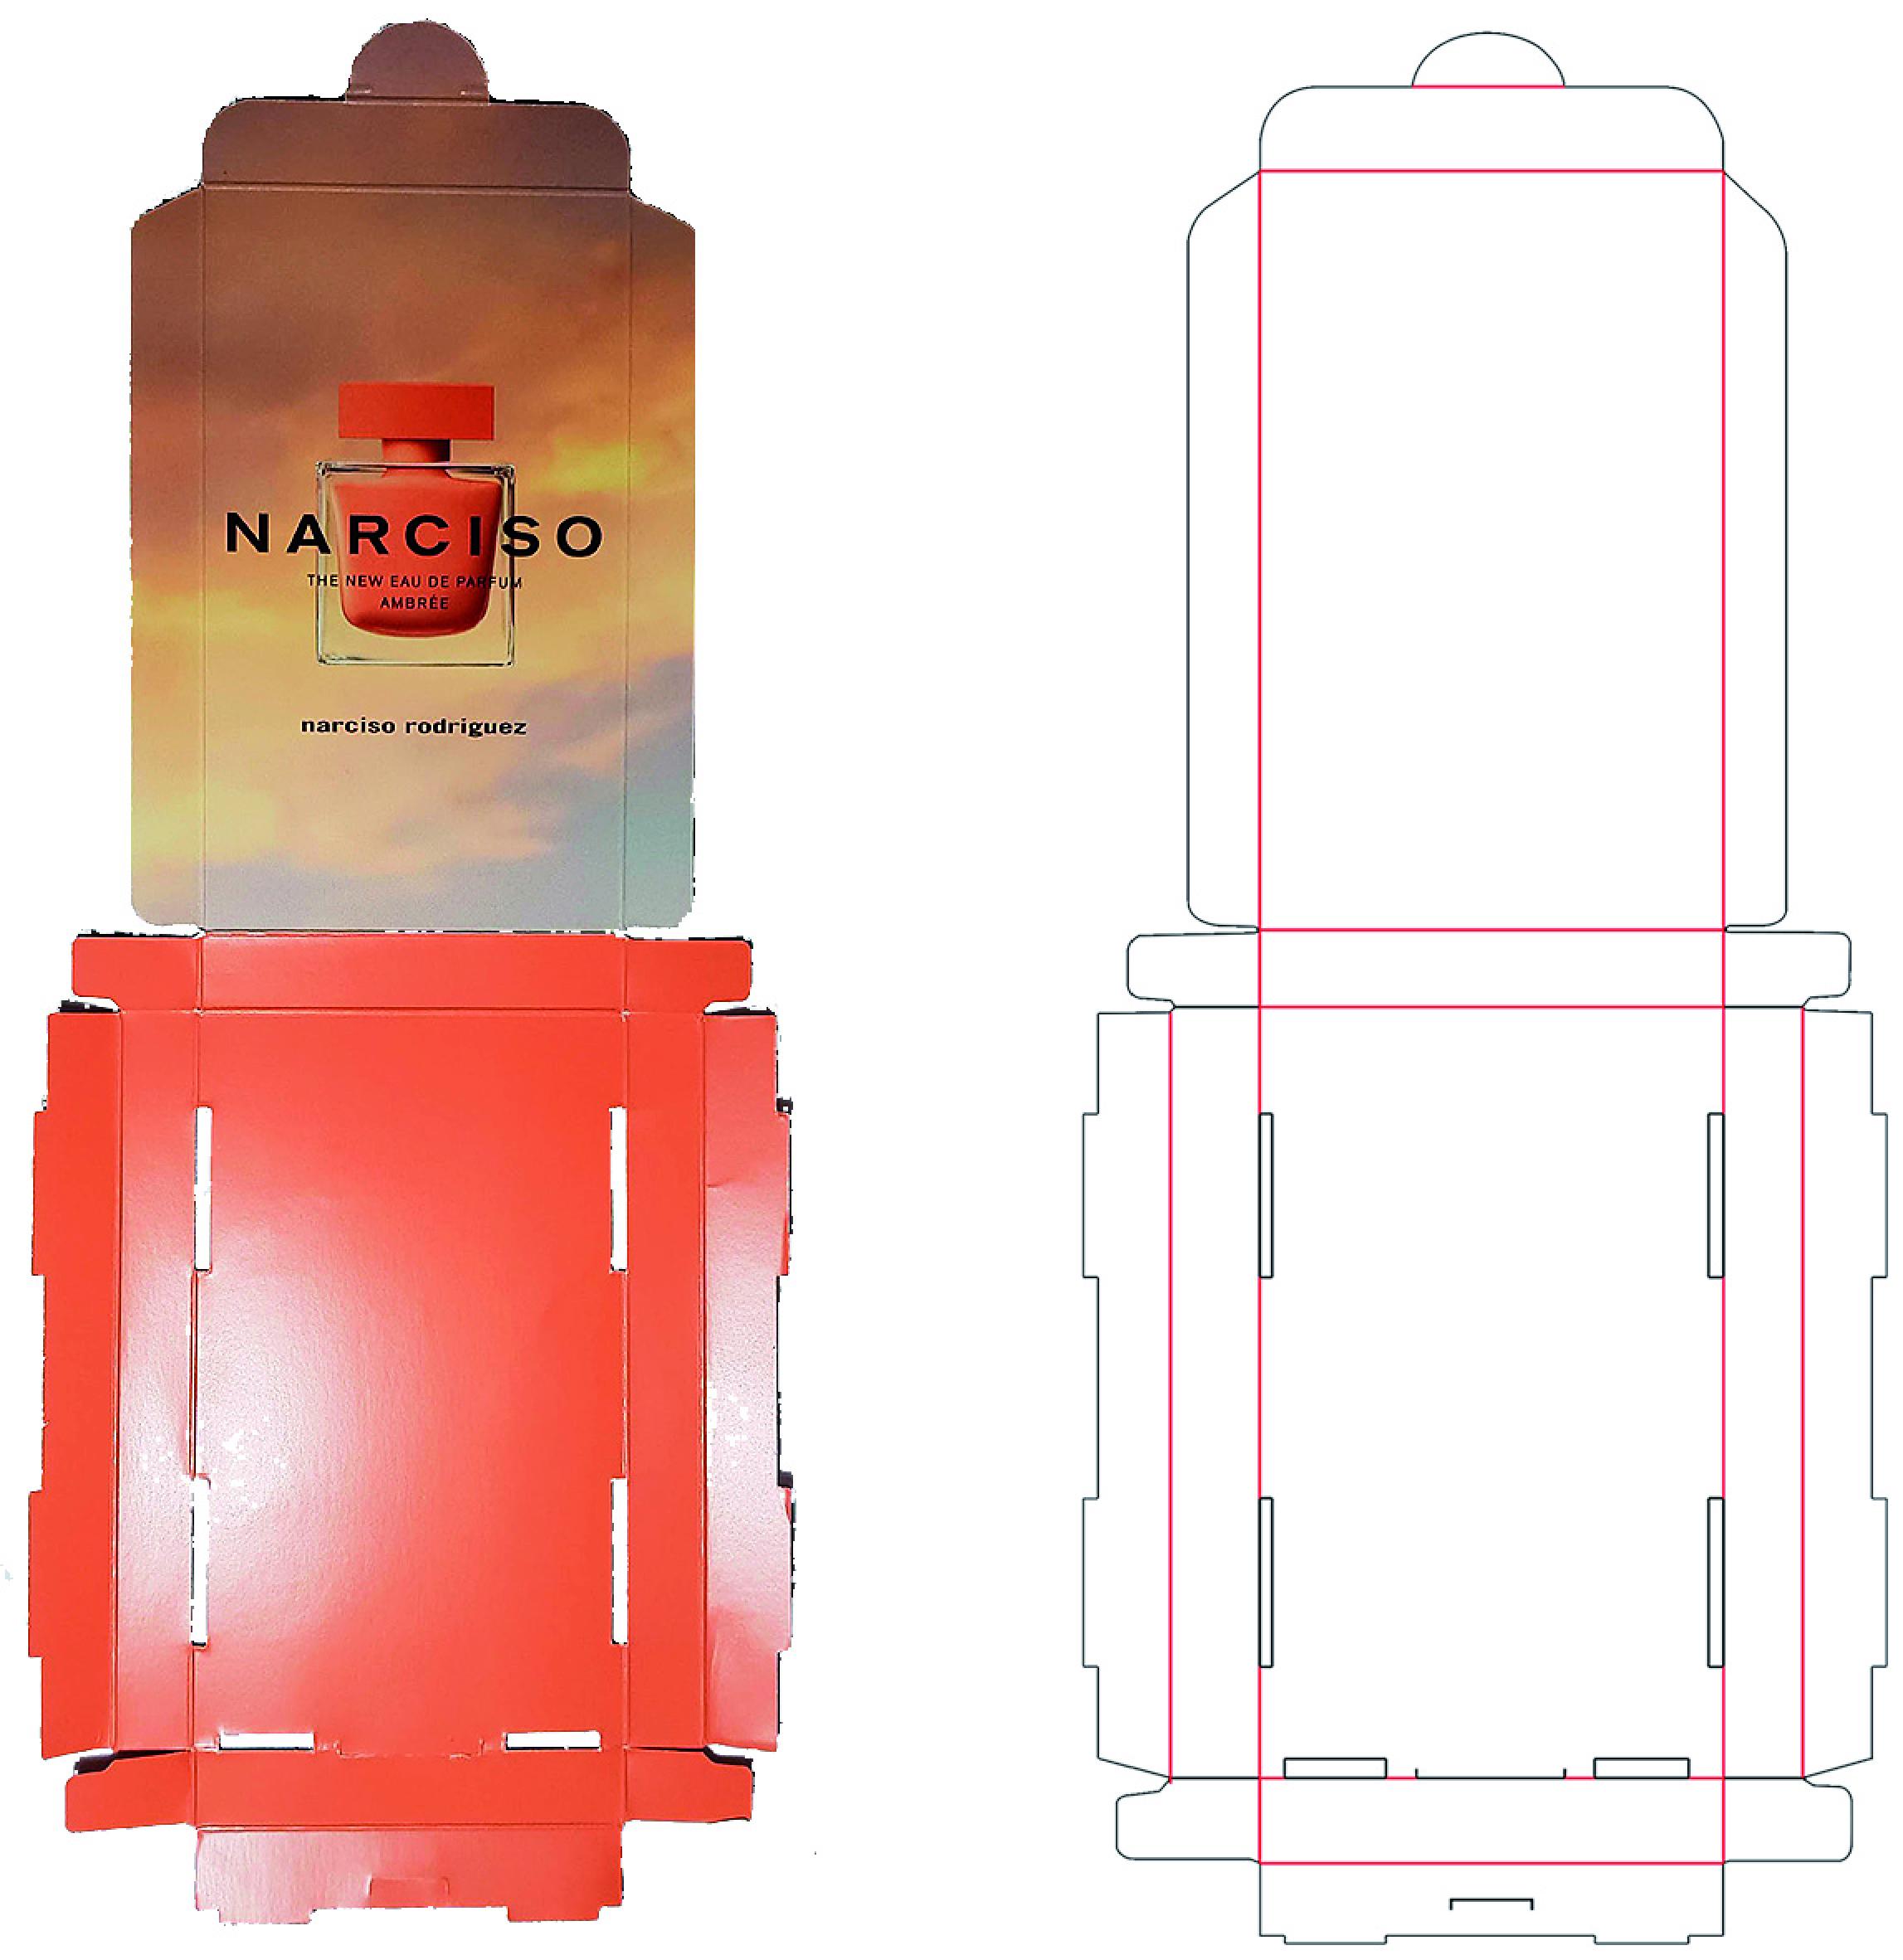 Troquel Packaging a partir de modelos en el mercado